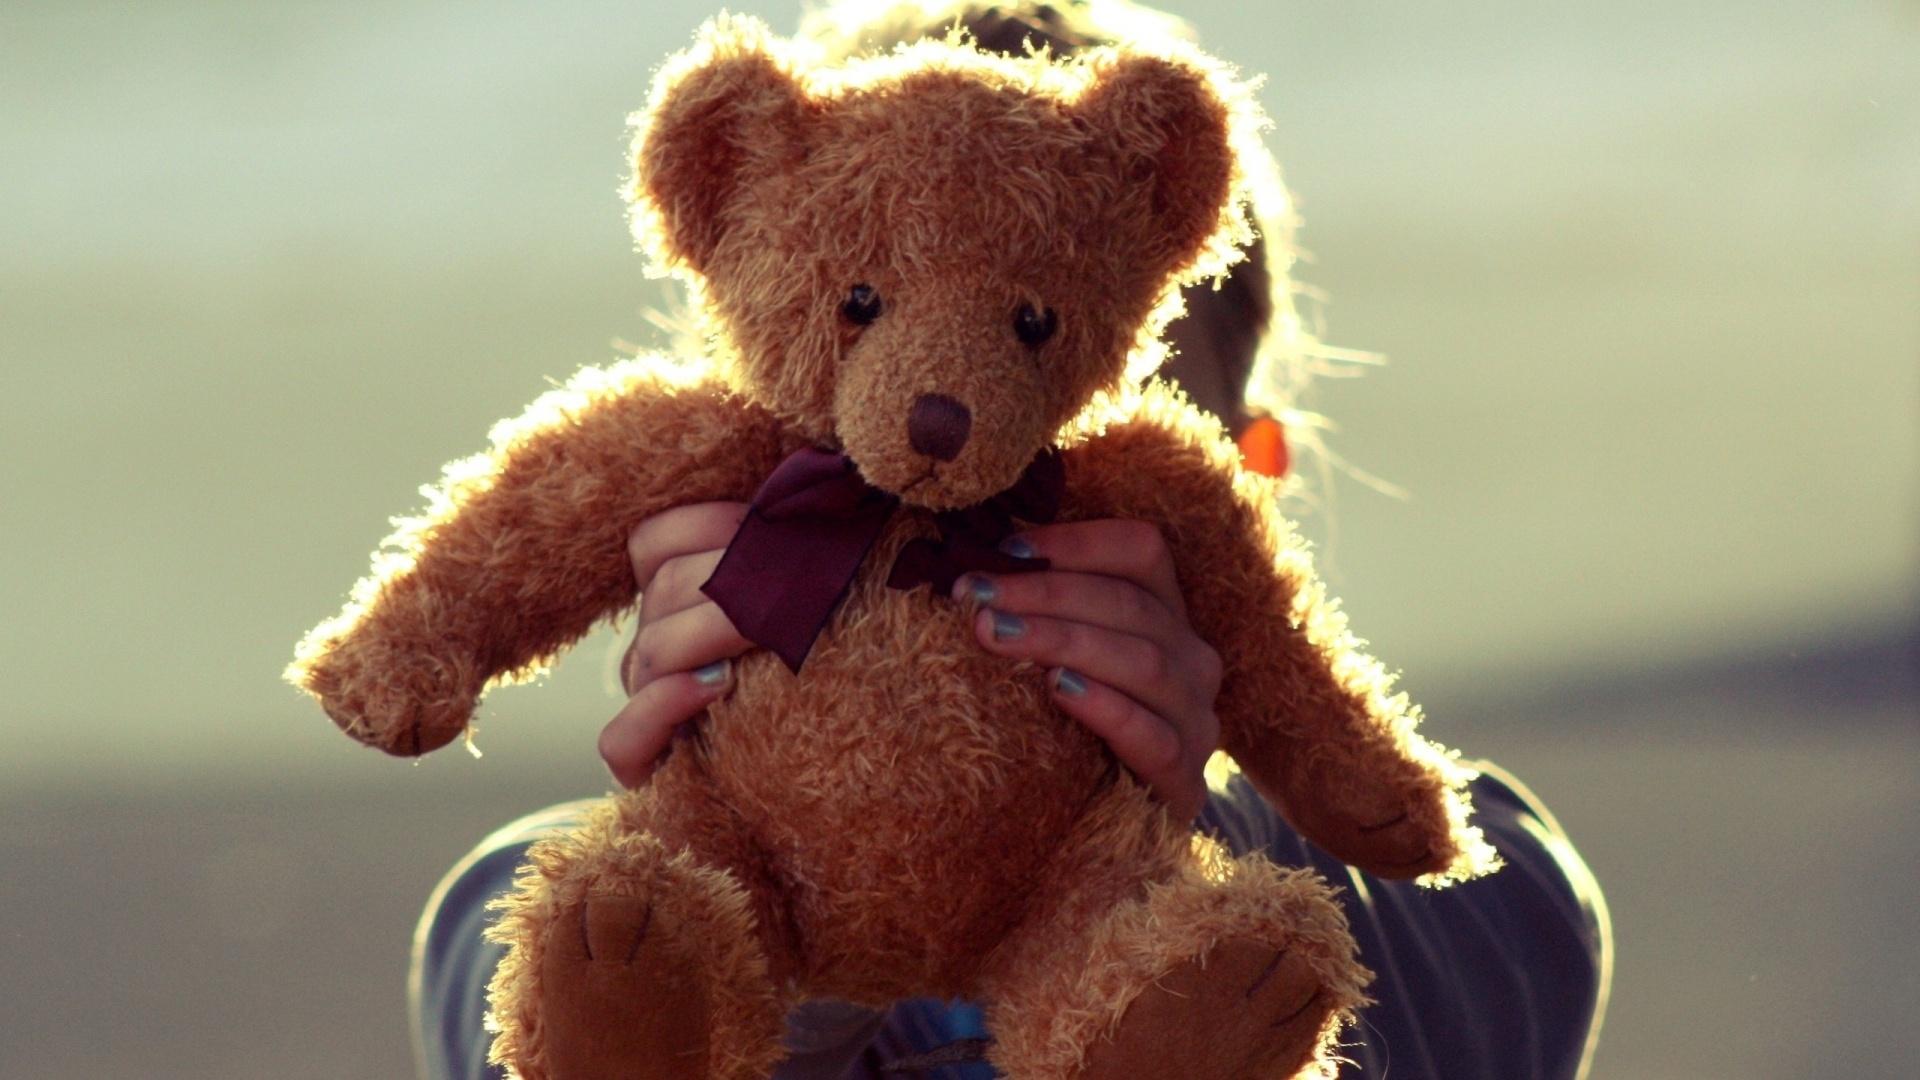 Teddy Bear Download Wallpaper